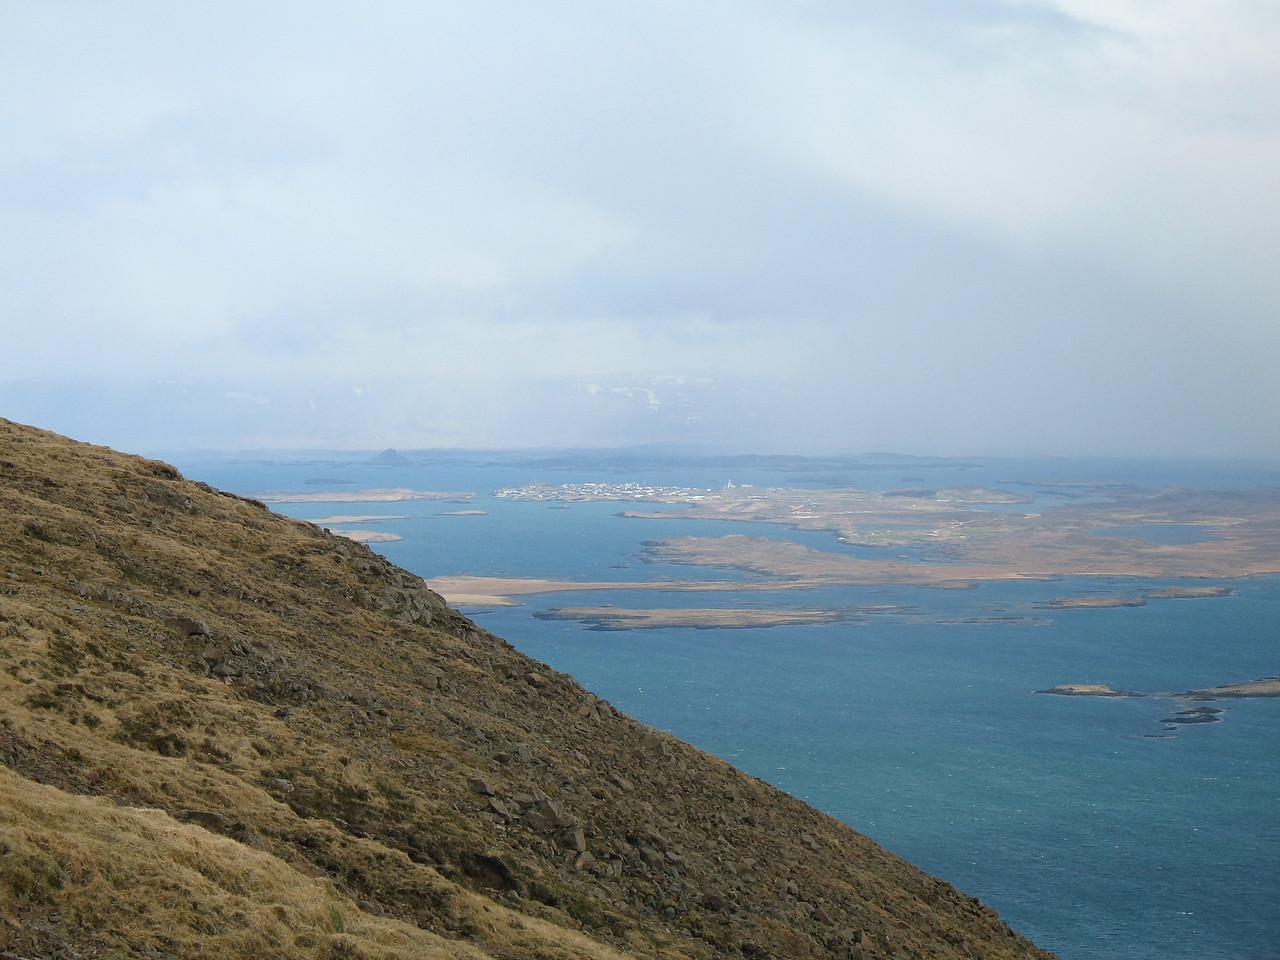 Við fengum fljótlega útsýni til Stykkishólms.